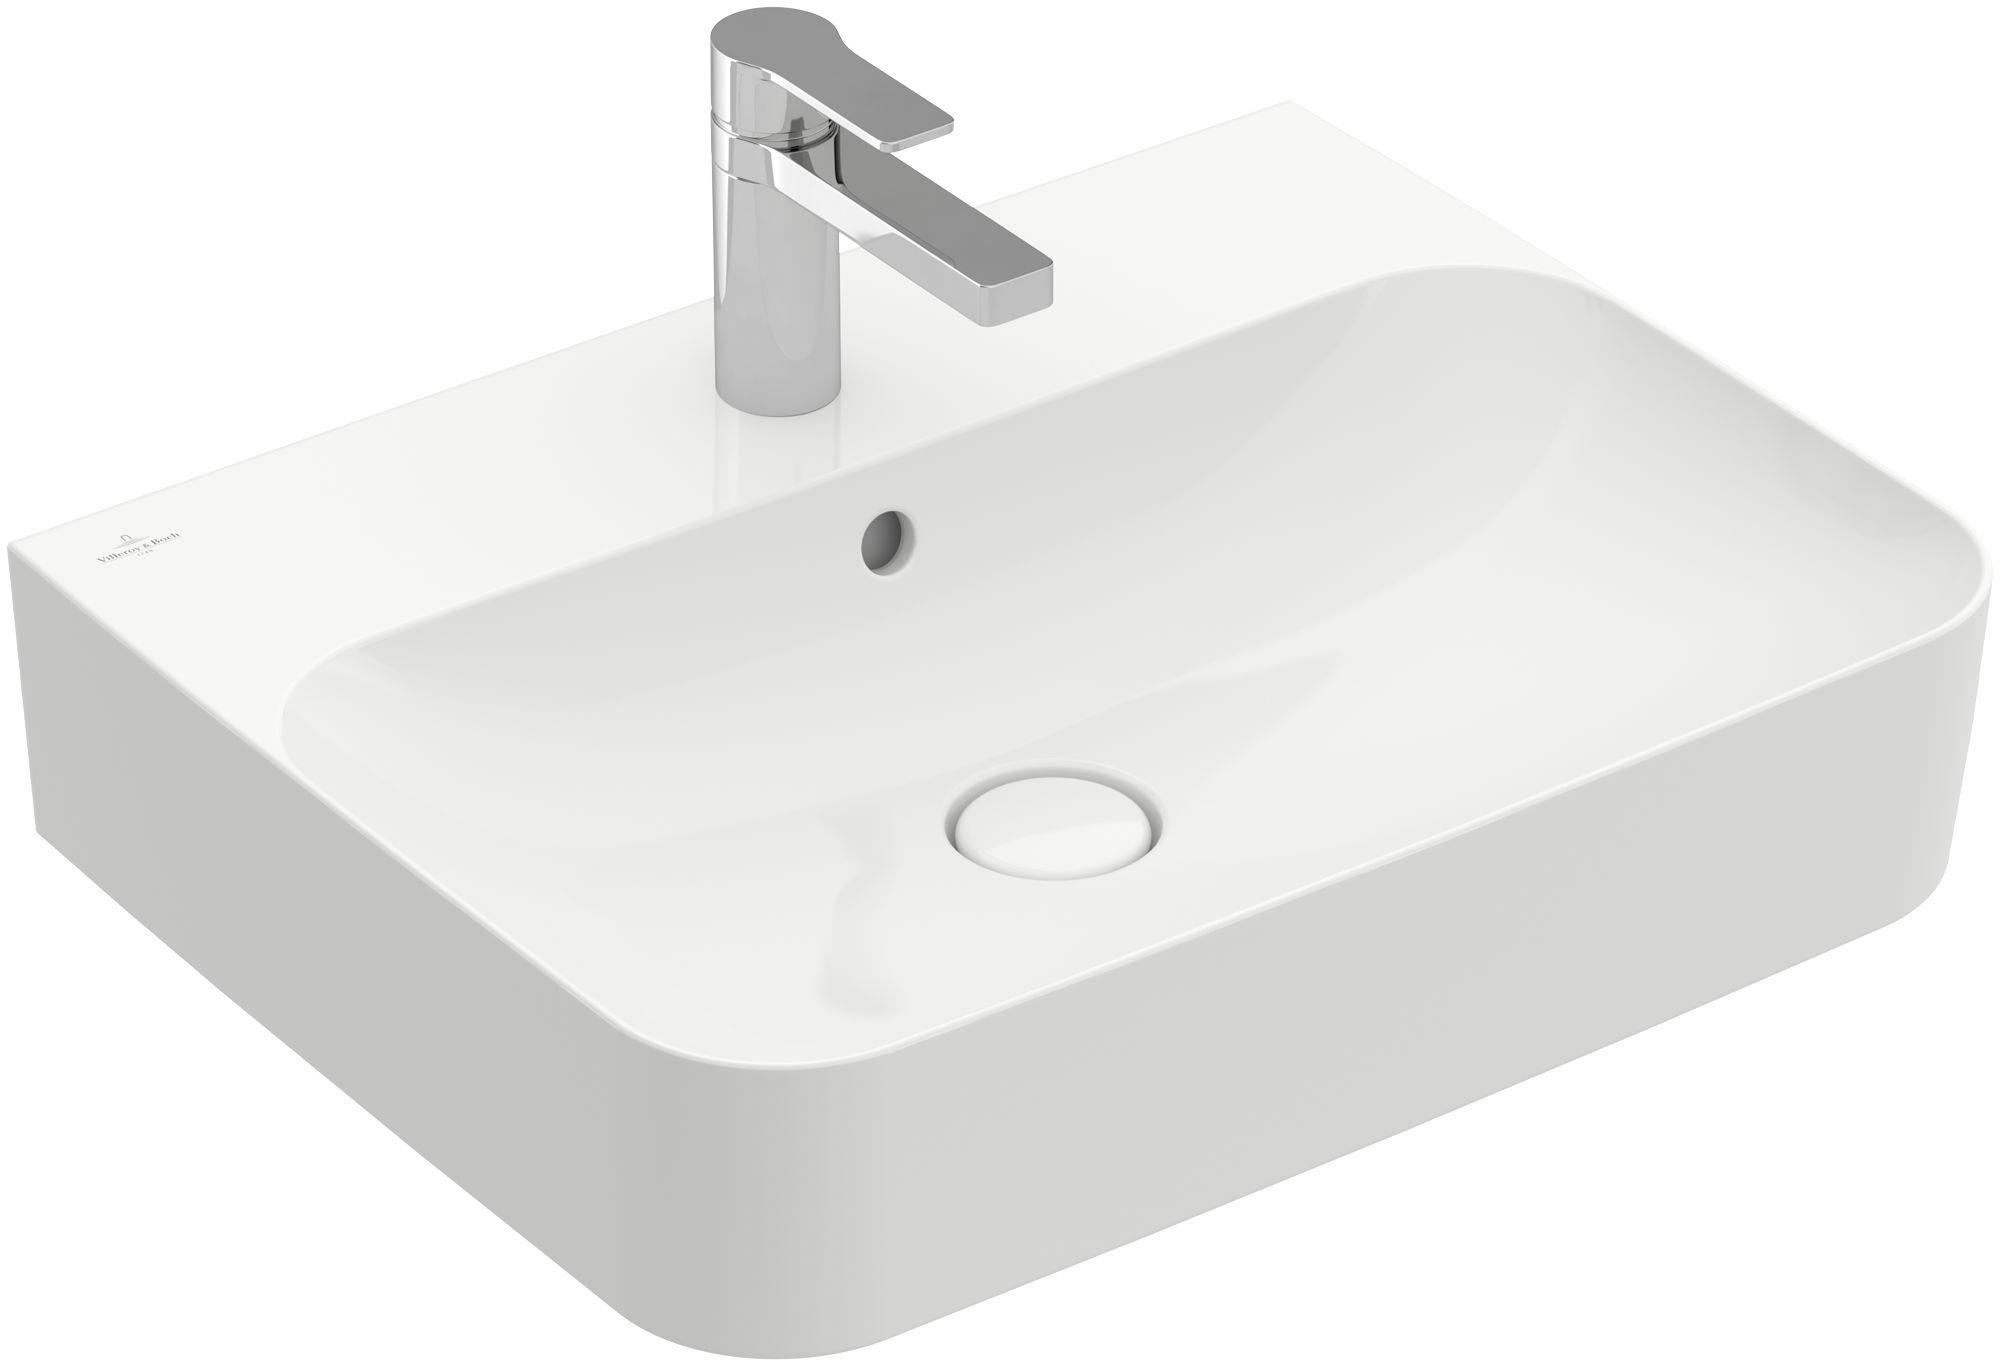 Villeroy & Boch Finion Waschtisch mit Überlauf 1 Hahnloch B:60xT:47cm mit Überlauf 1 Hahnloch weiß Ceramicplus 41686GR1